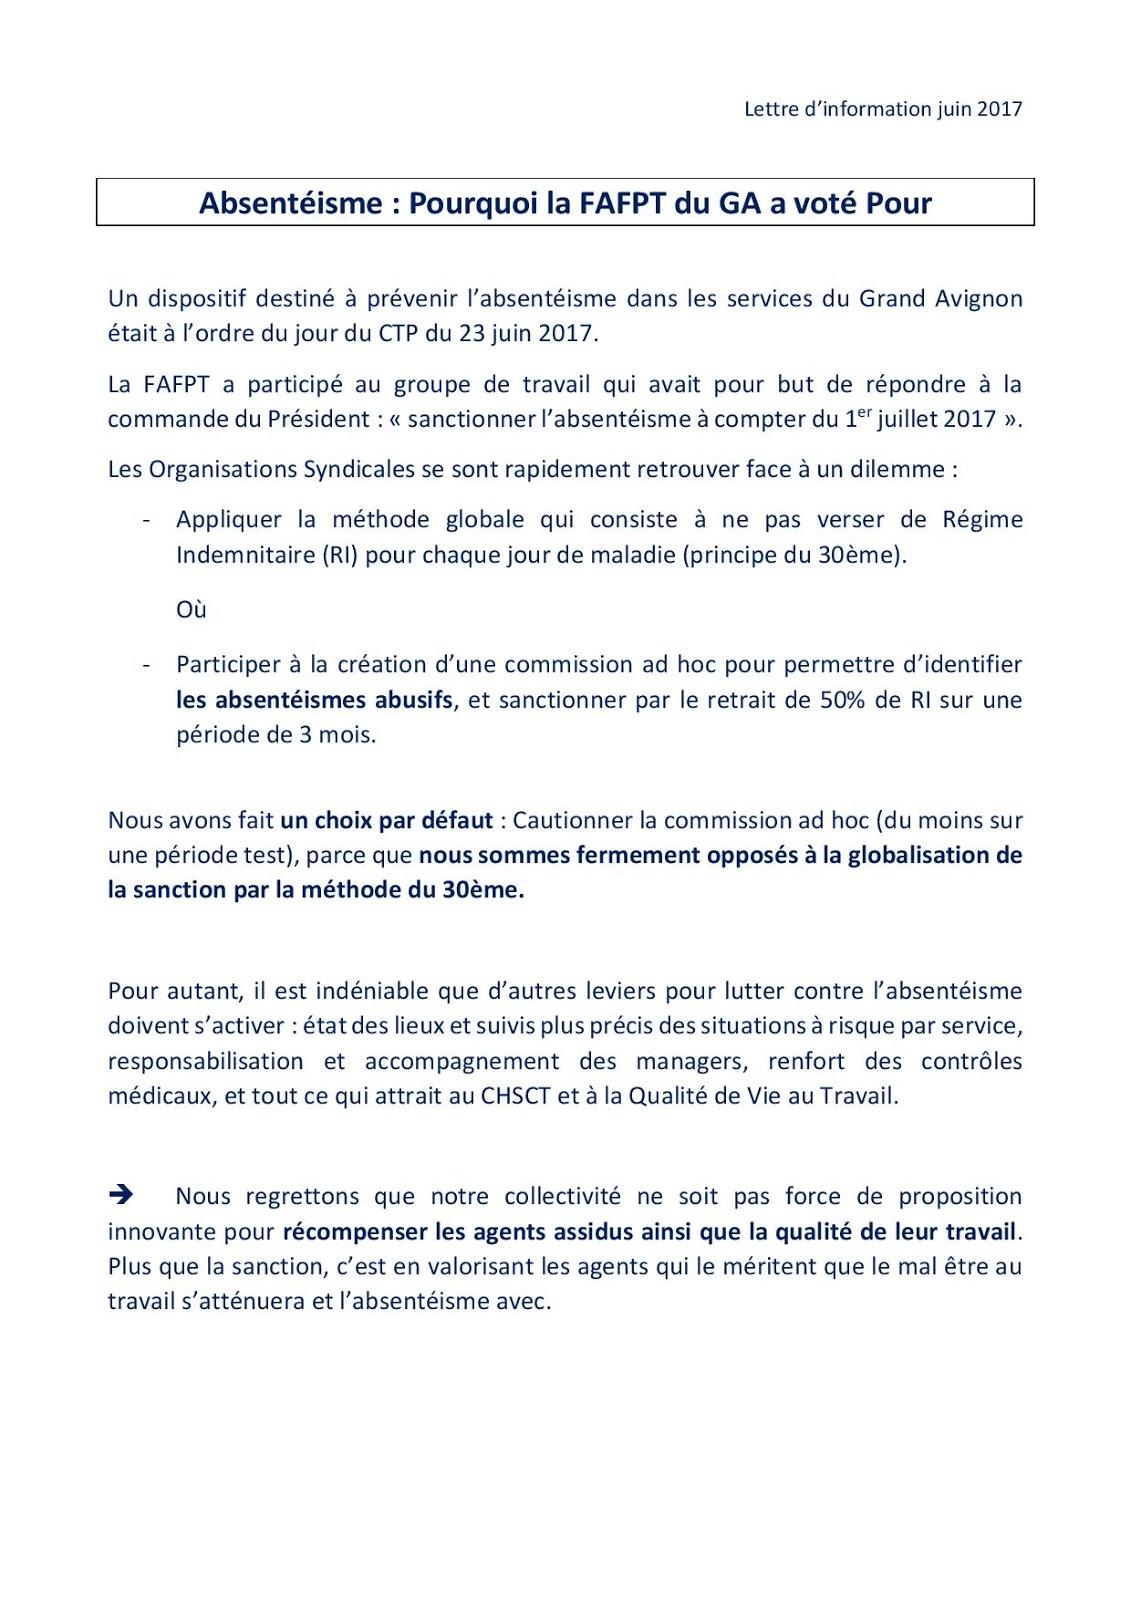 business letter maker - 28 images - business letter exle